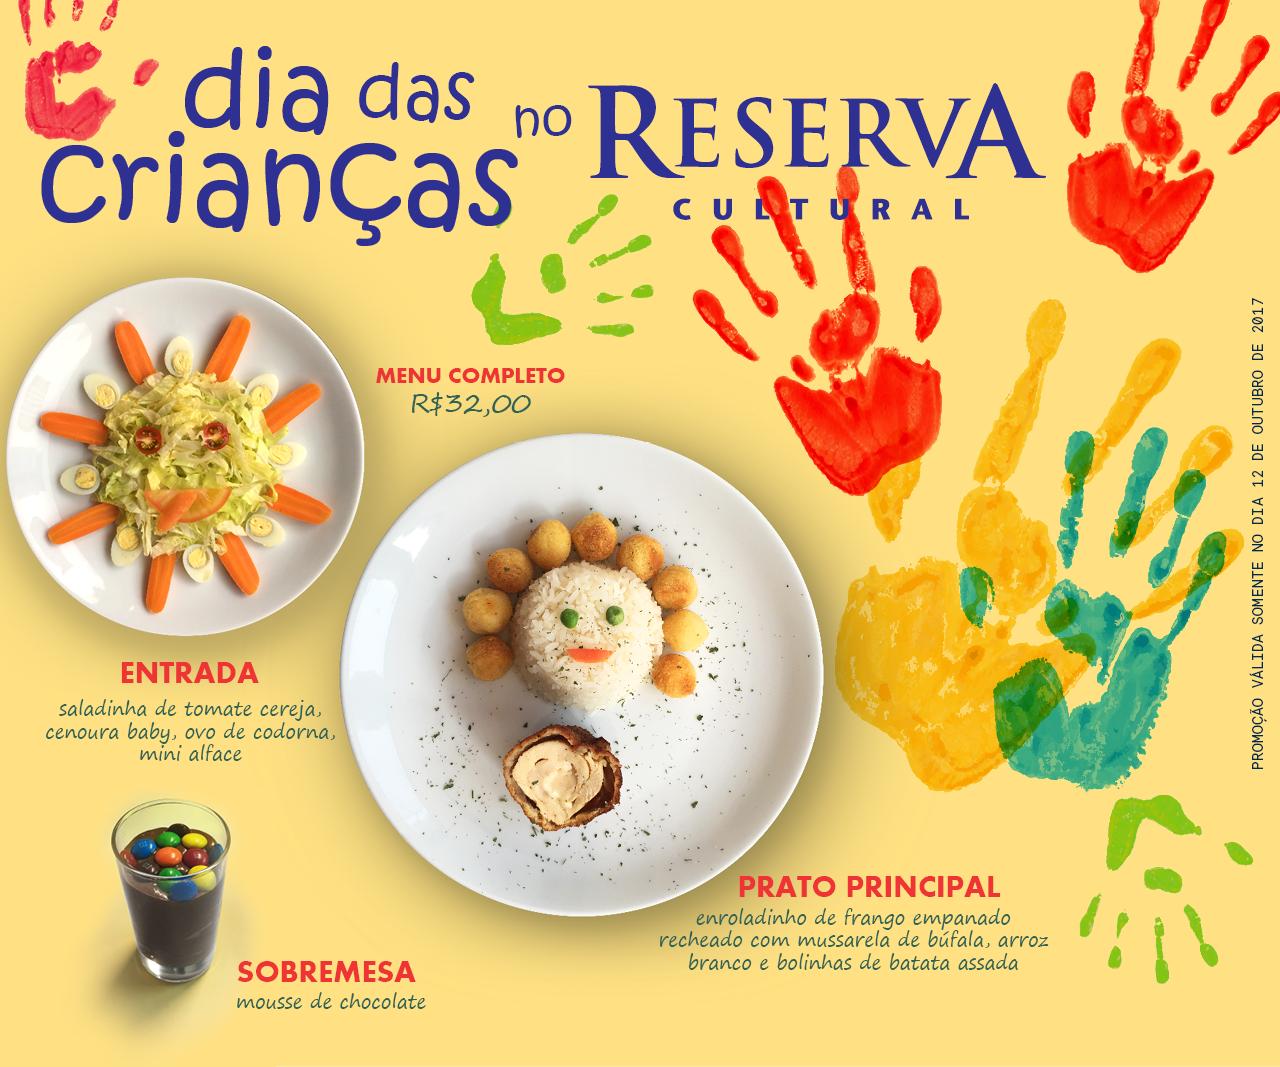 Arte_Bistro_Dia das Criancas_v2 (003)